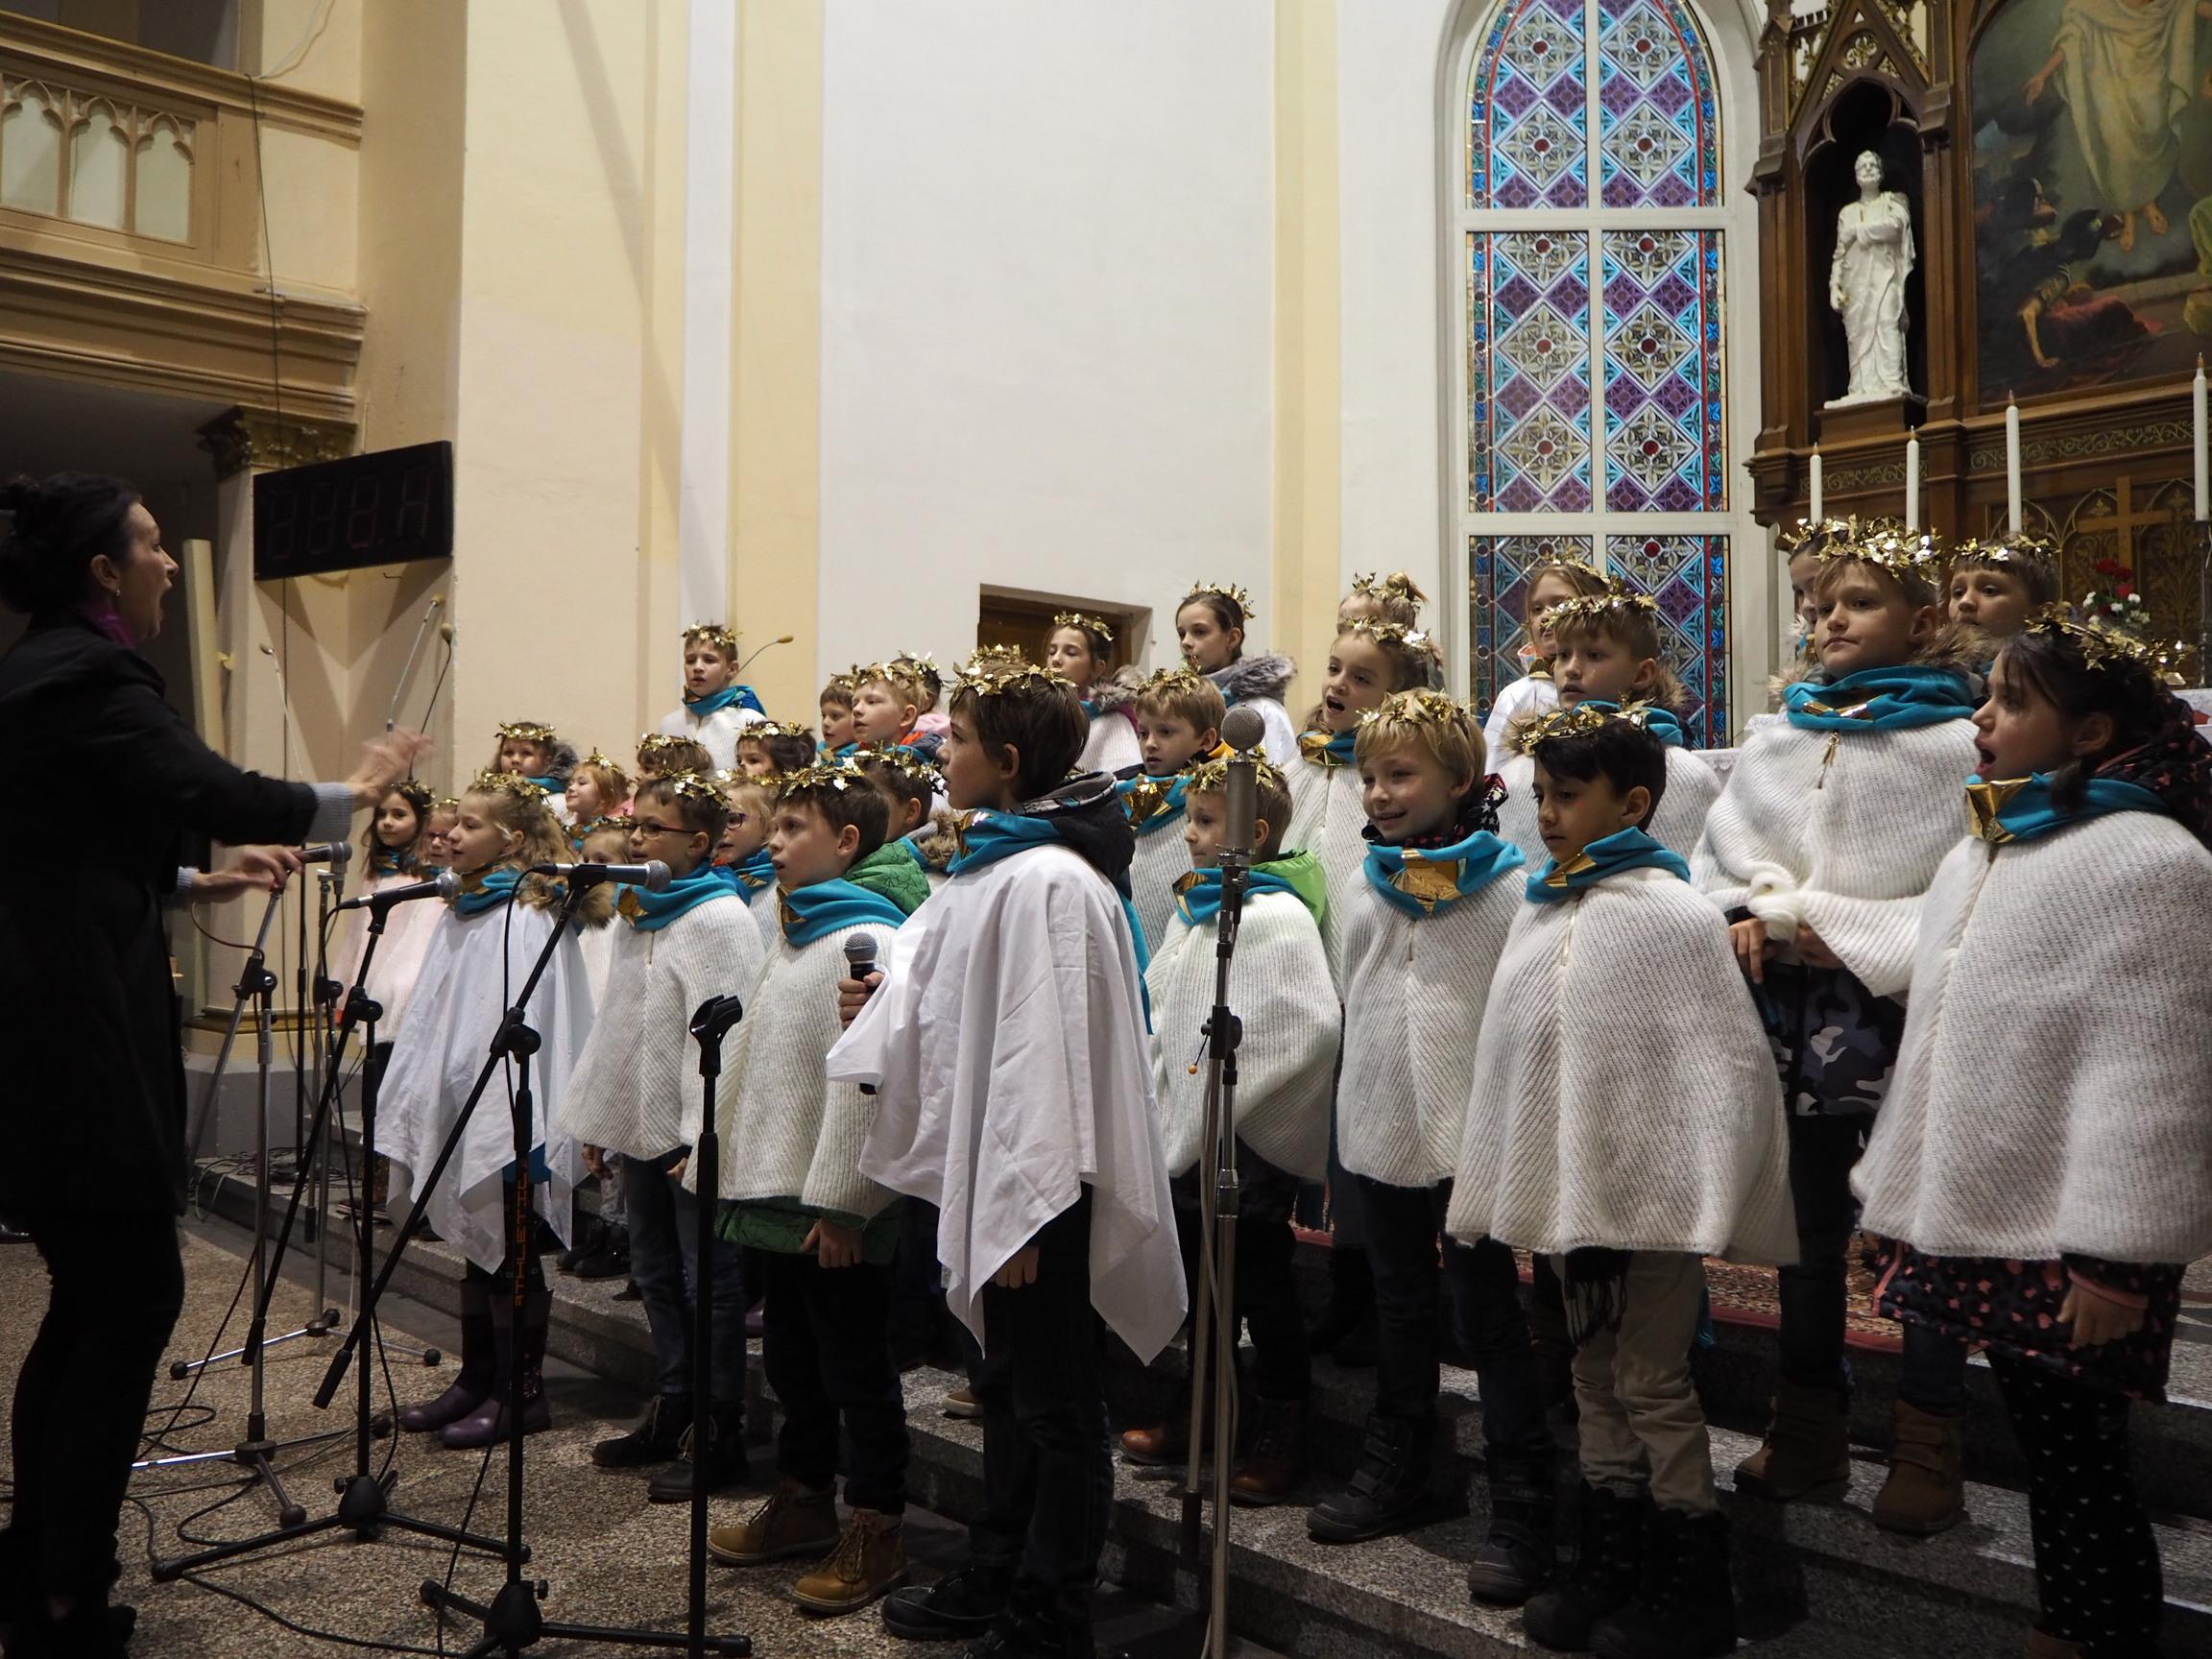 Styczniowy festiwal chóralny - XIII Przegląd Szkolnej Działalności Śpiewaczej